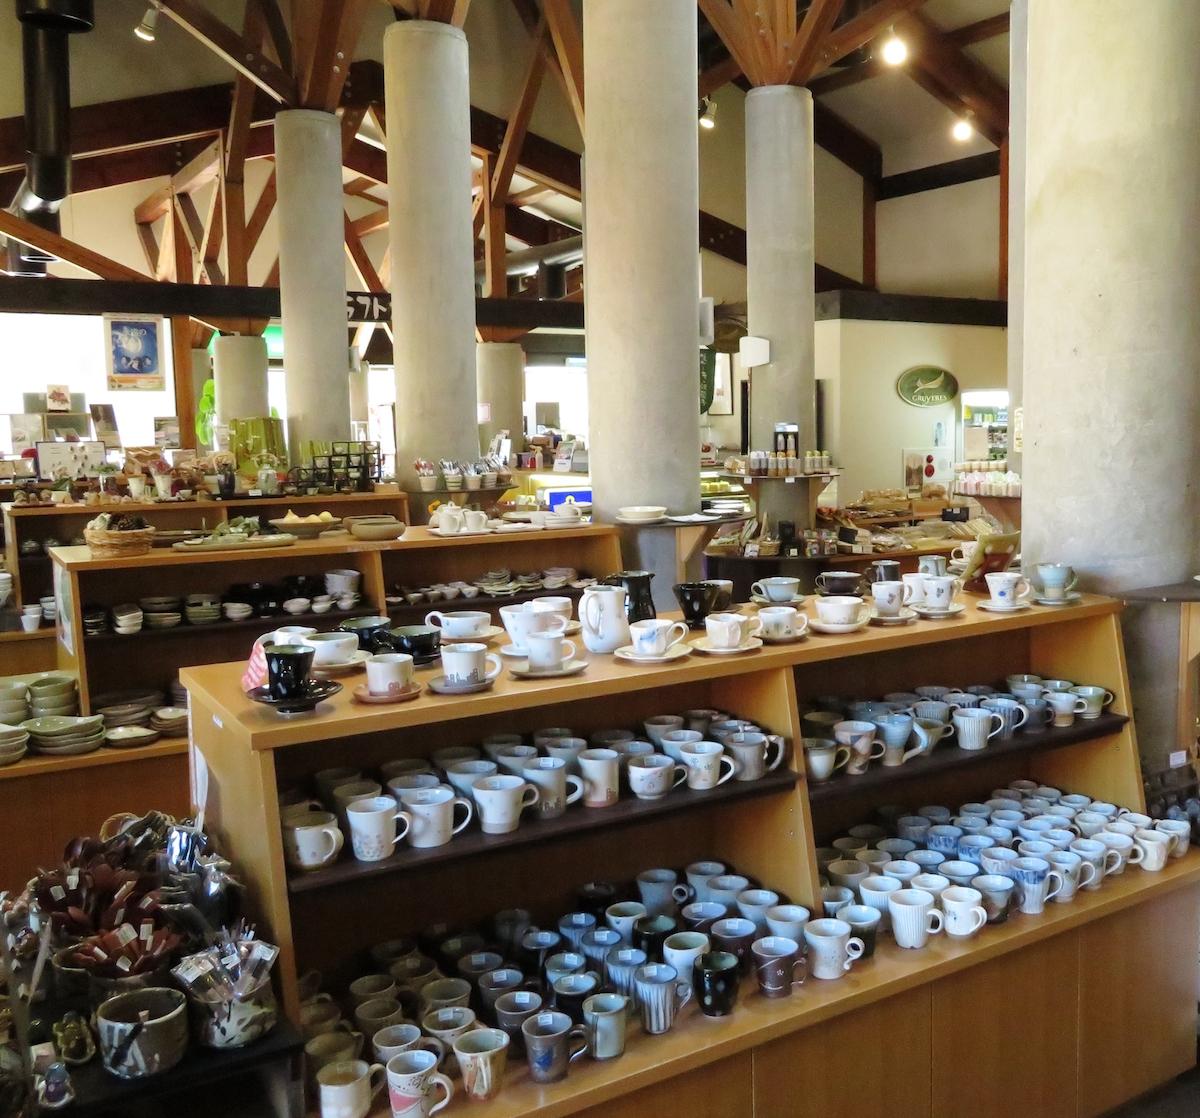 笠間工芸の丘には笠間焼を手頃な値段で求められるショップもある